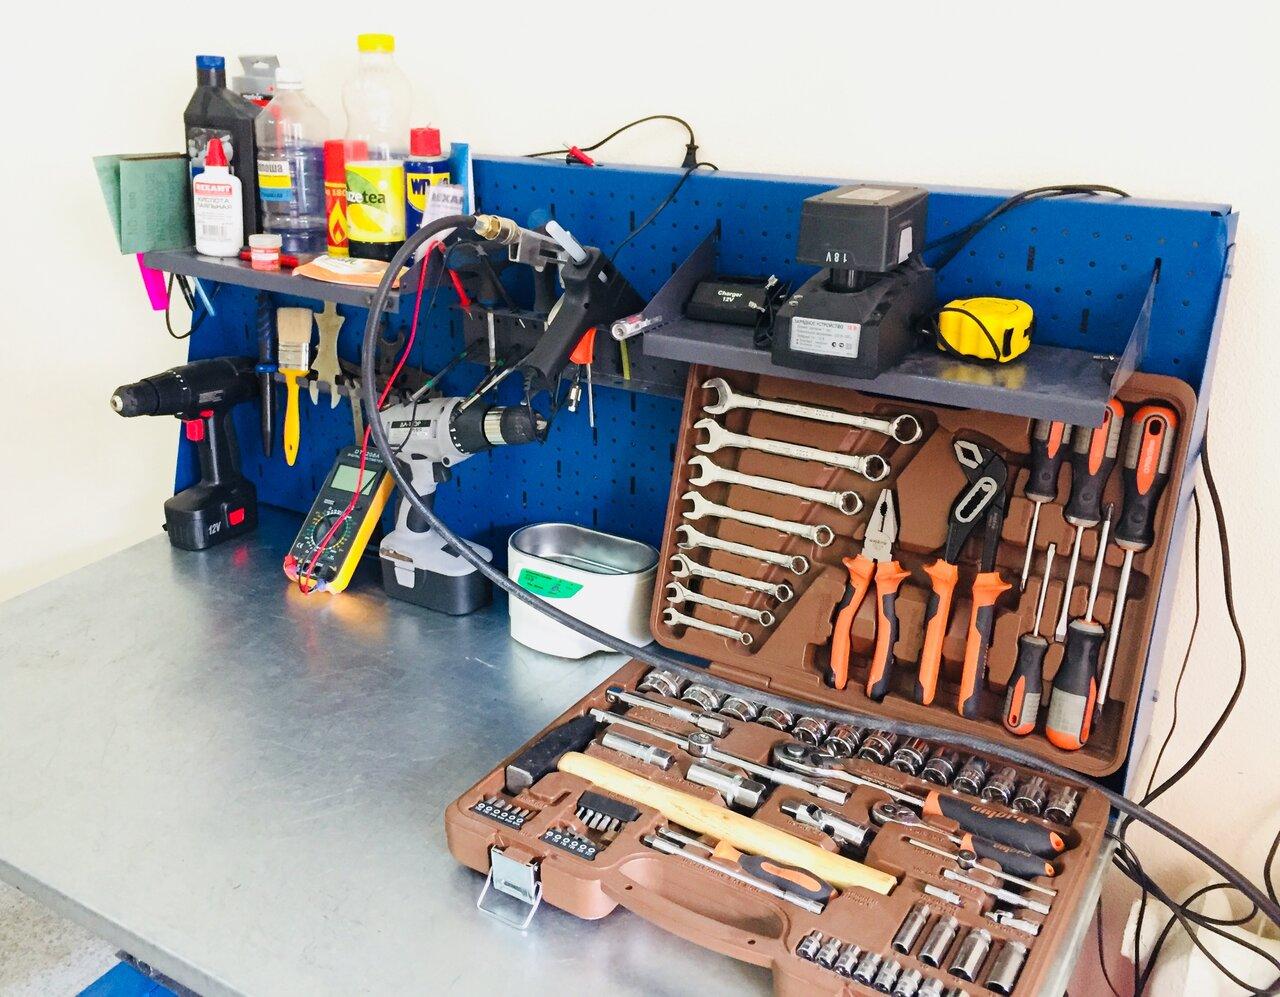 картинка ремонтной мастерской нельзя отрицать тот